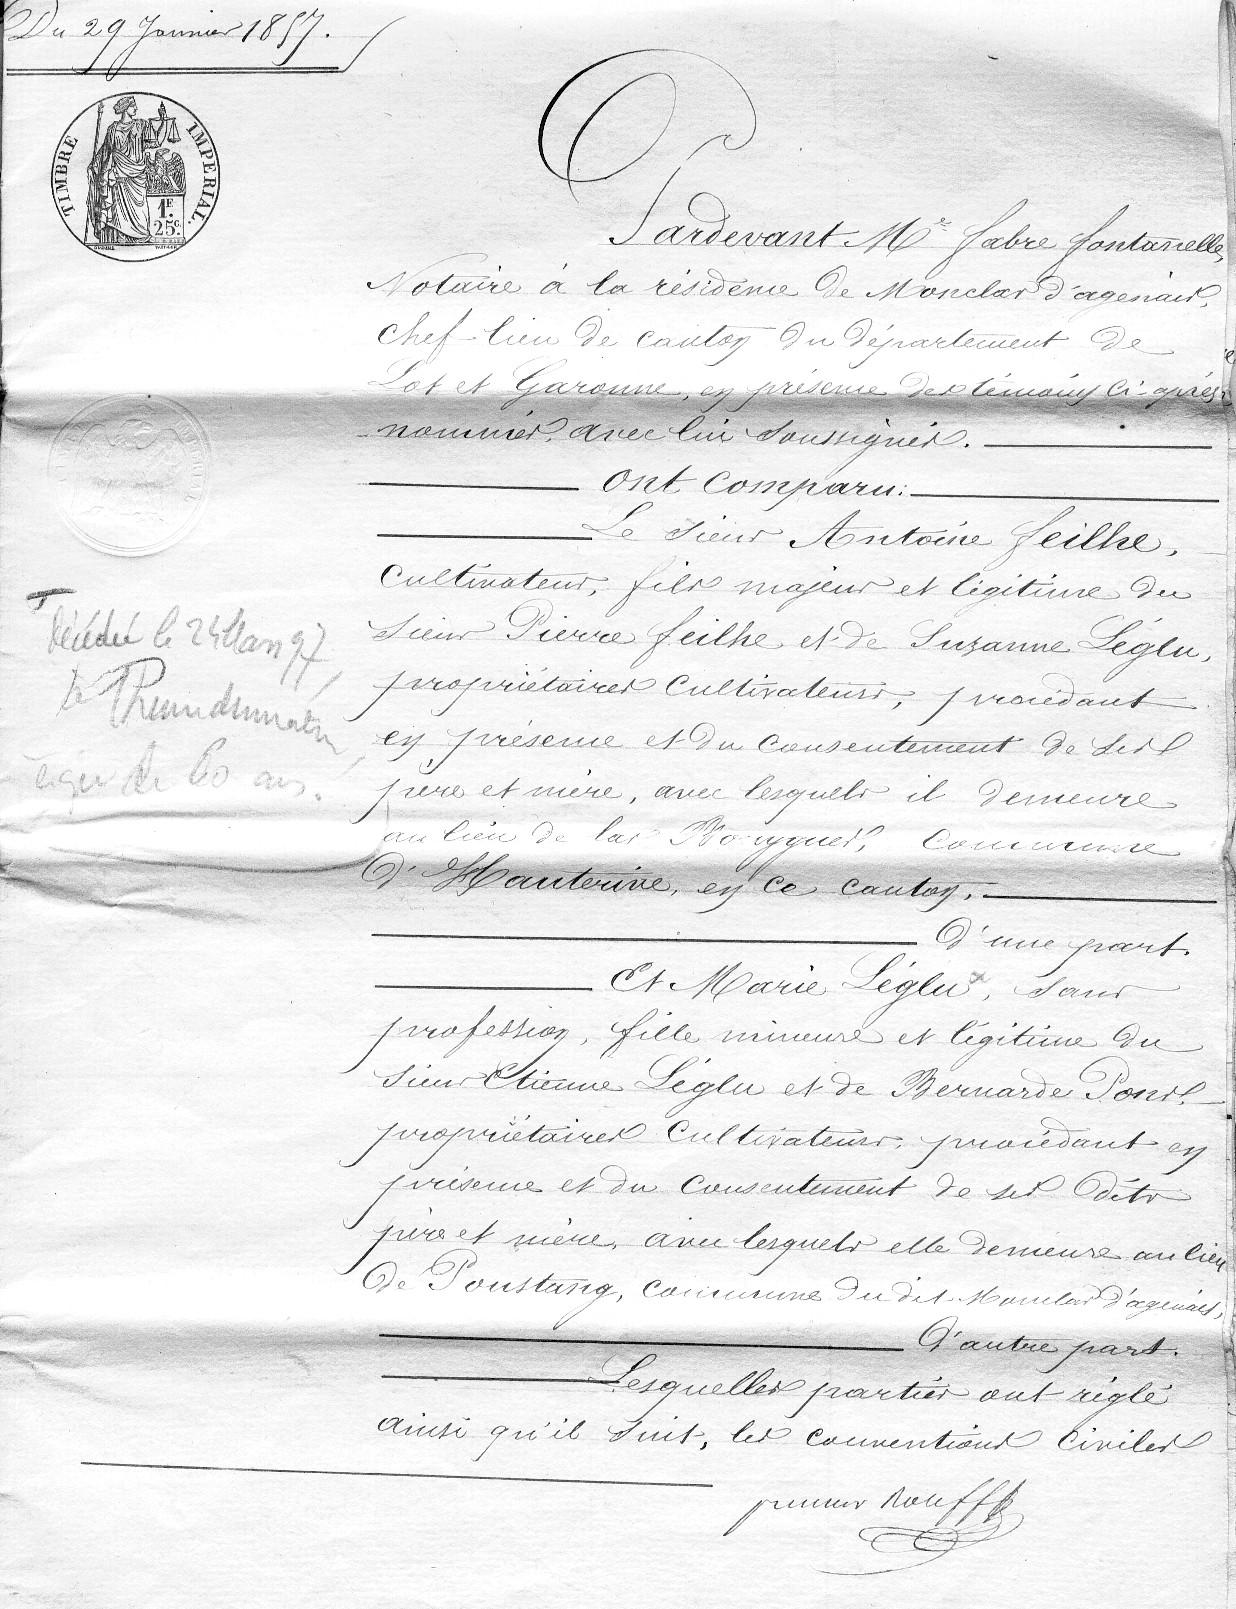 mariage entre cousins germains code civil